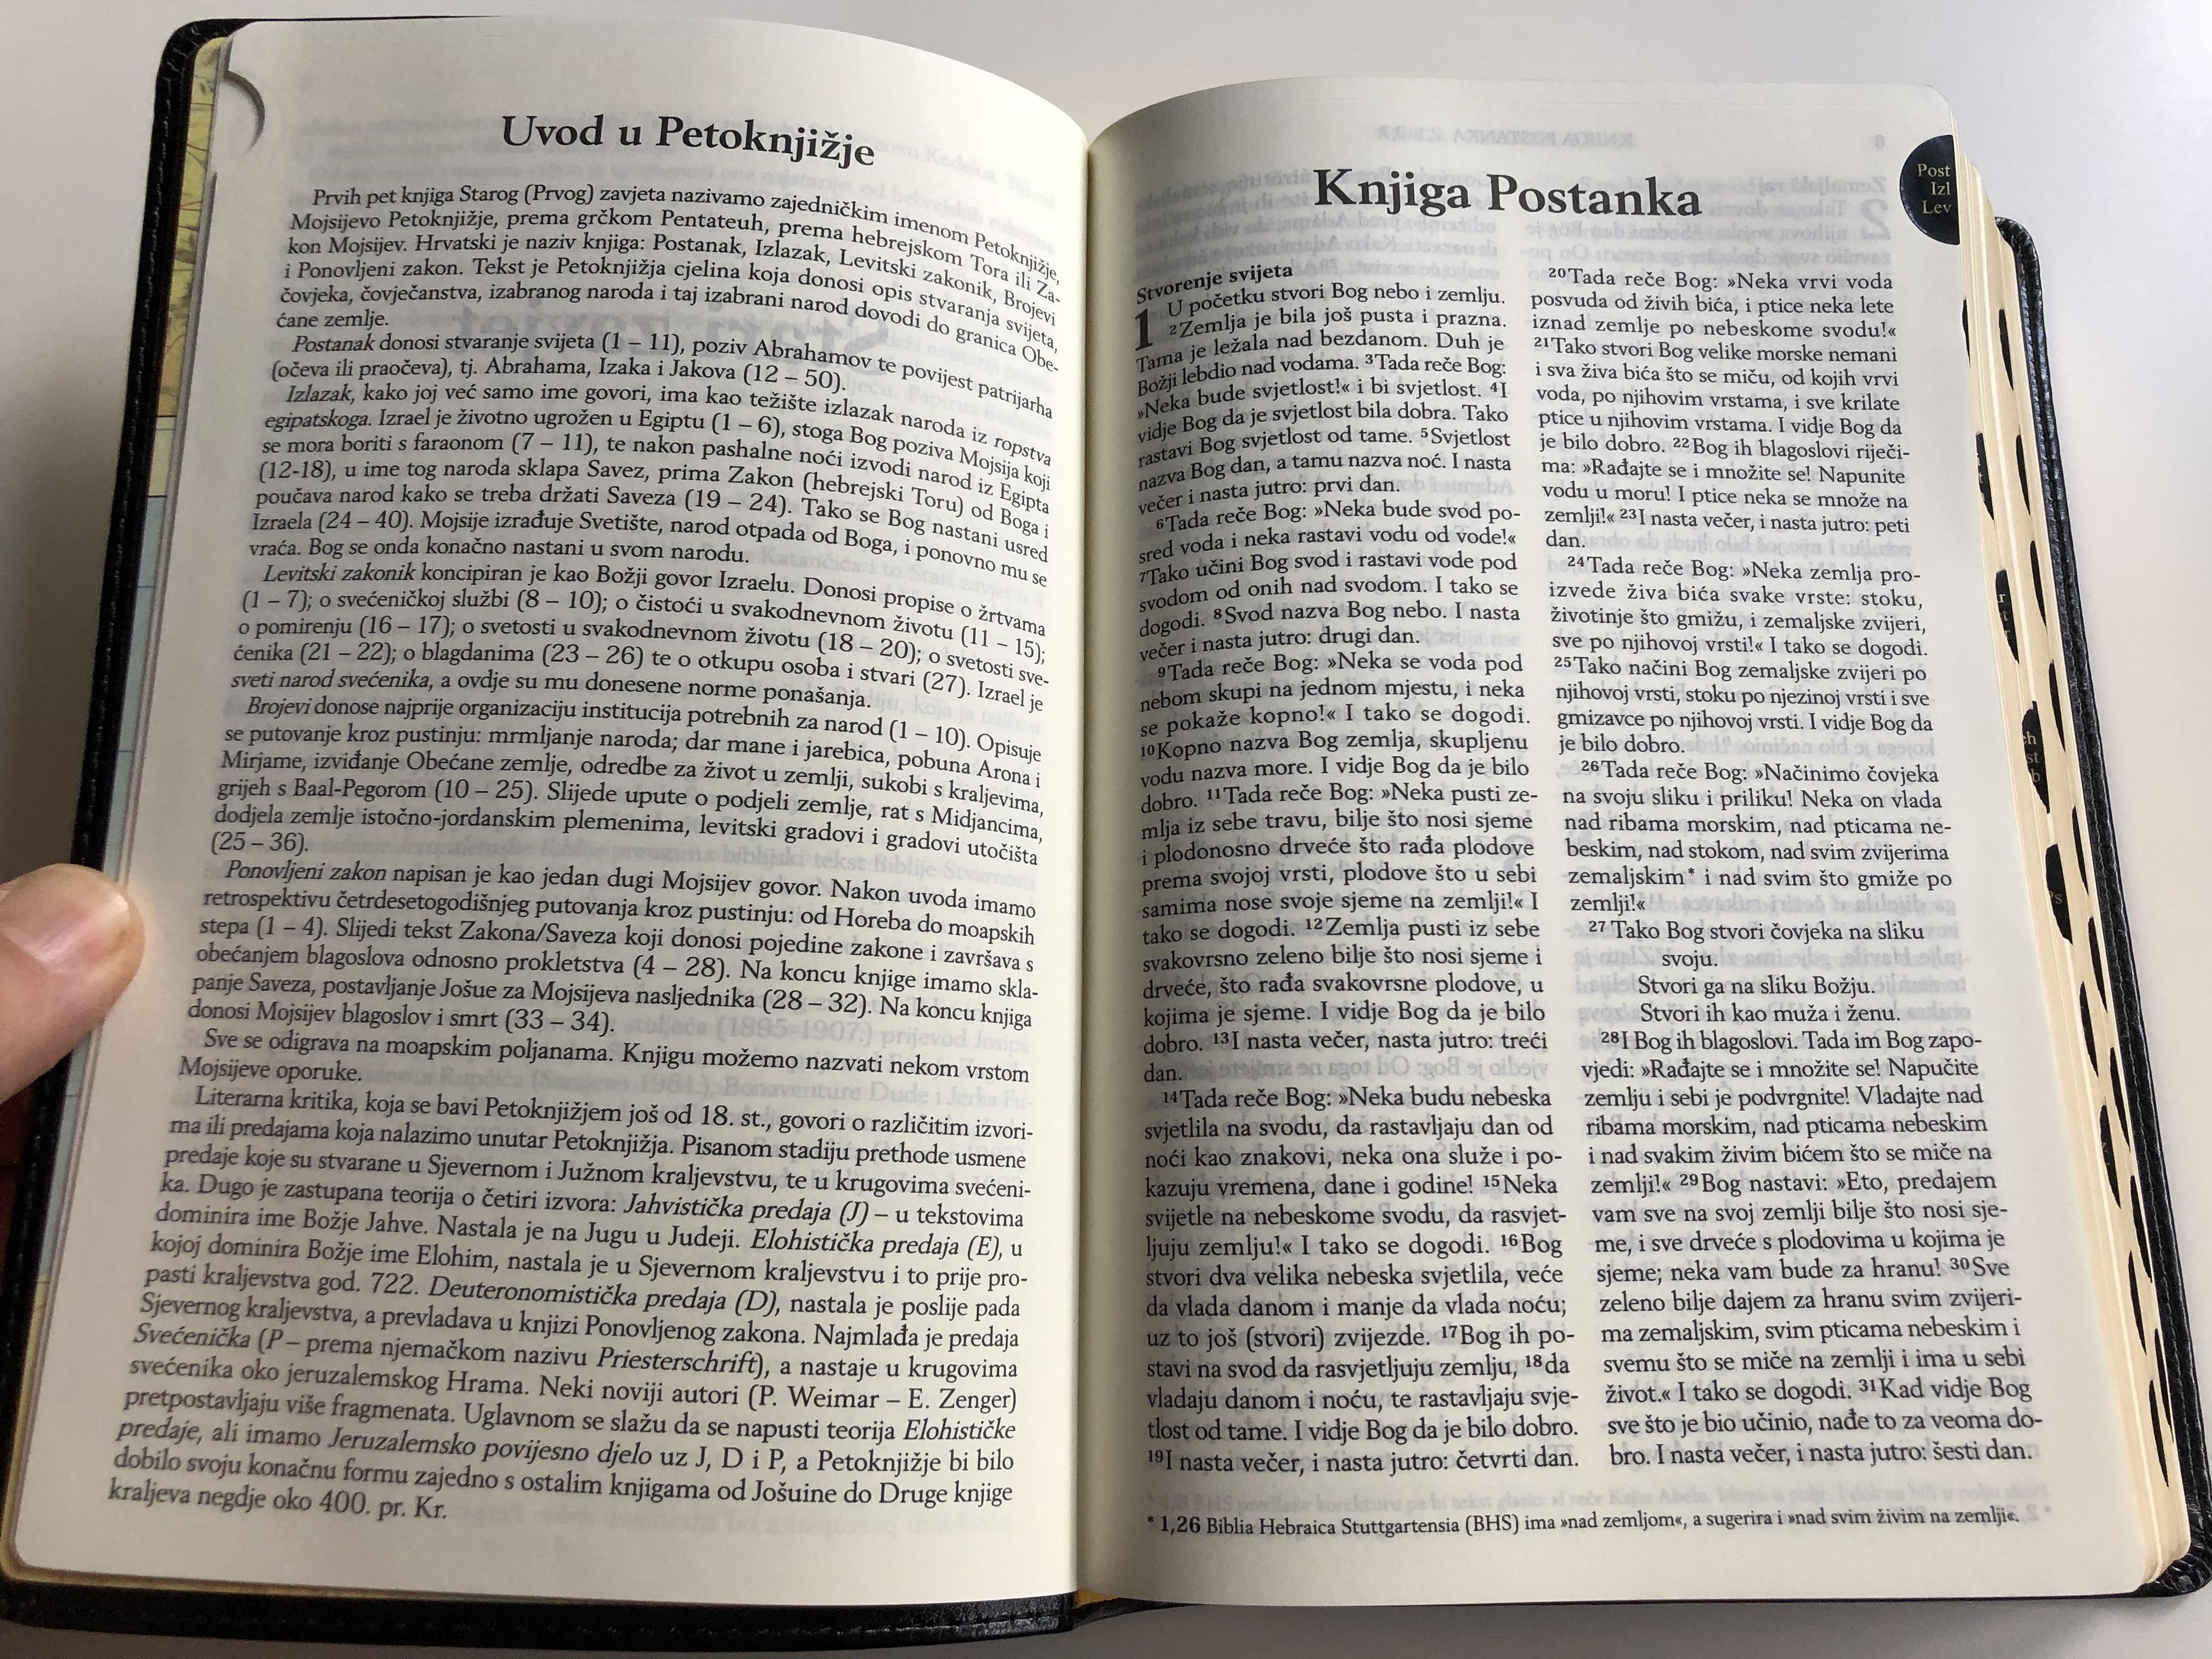 biblija-sveto-pismo-staroga-i-novoga-zavjeta-black-croatian-language-leather-bound-holy-bible-9.jpg